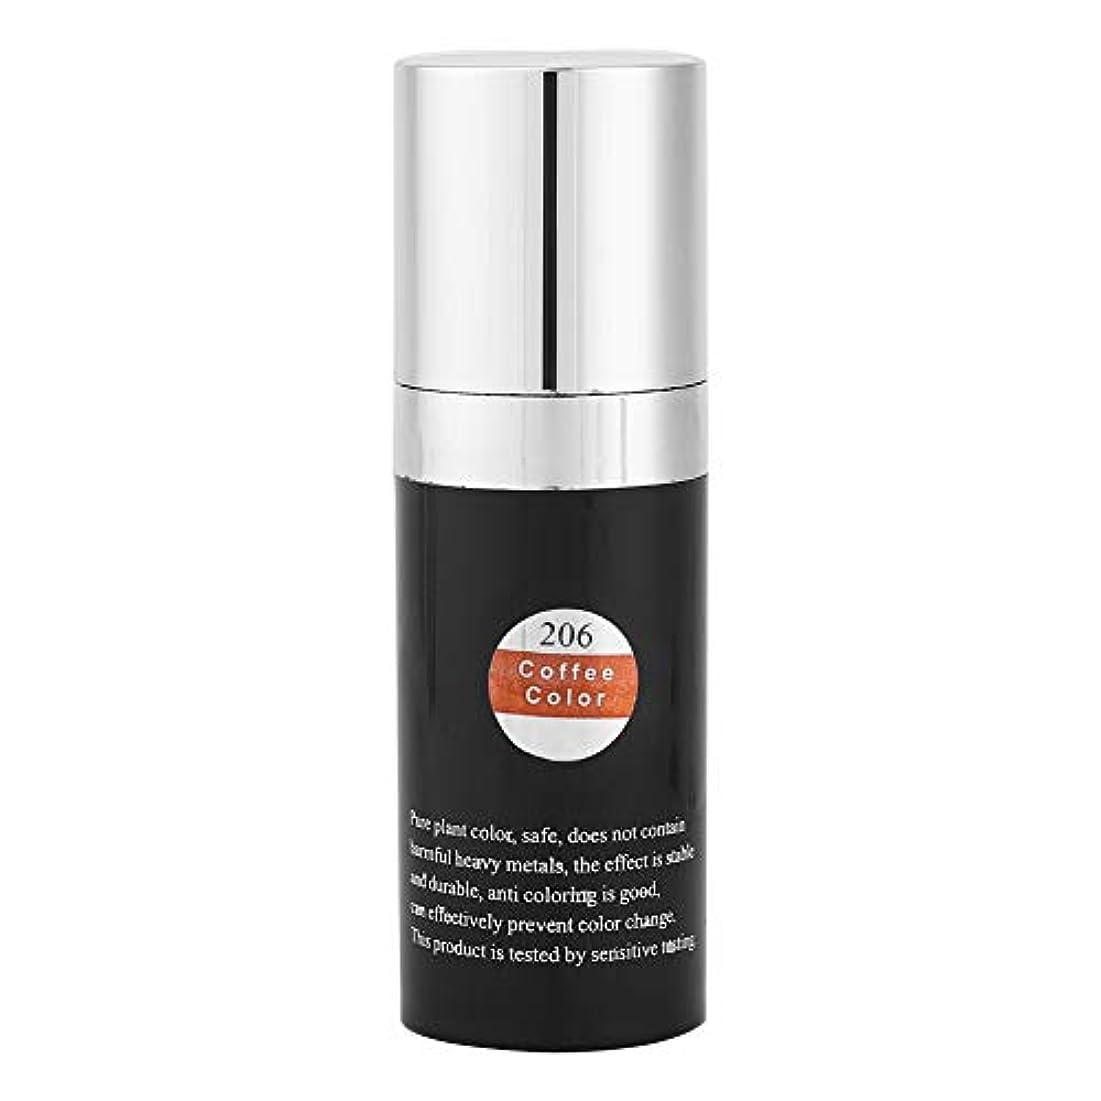 加速する仮装ファイアル6色顔料の入れ墨、有機性植物の顔料インク眉毛の唇の目ライン永久的な色の構造の入れ墨の化粧品インク(コーヒー)